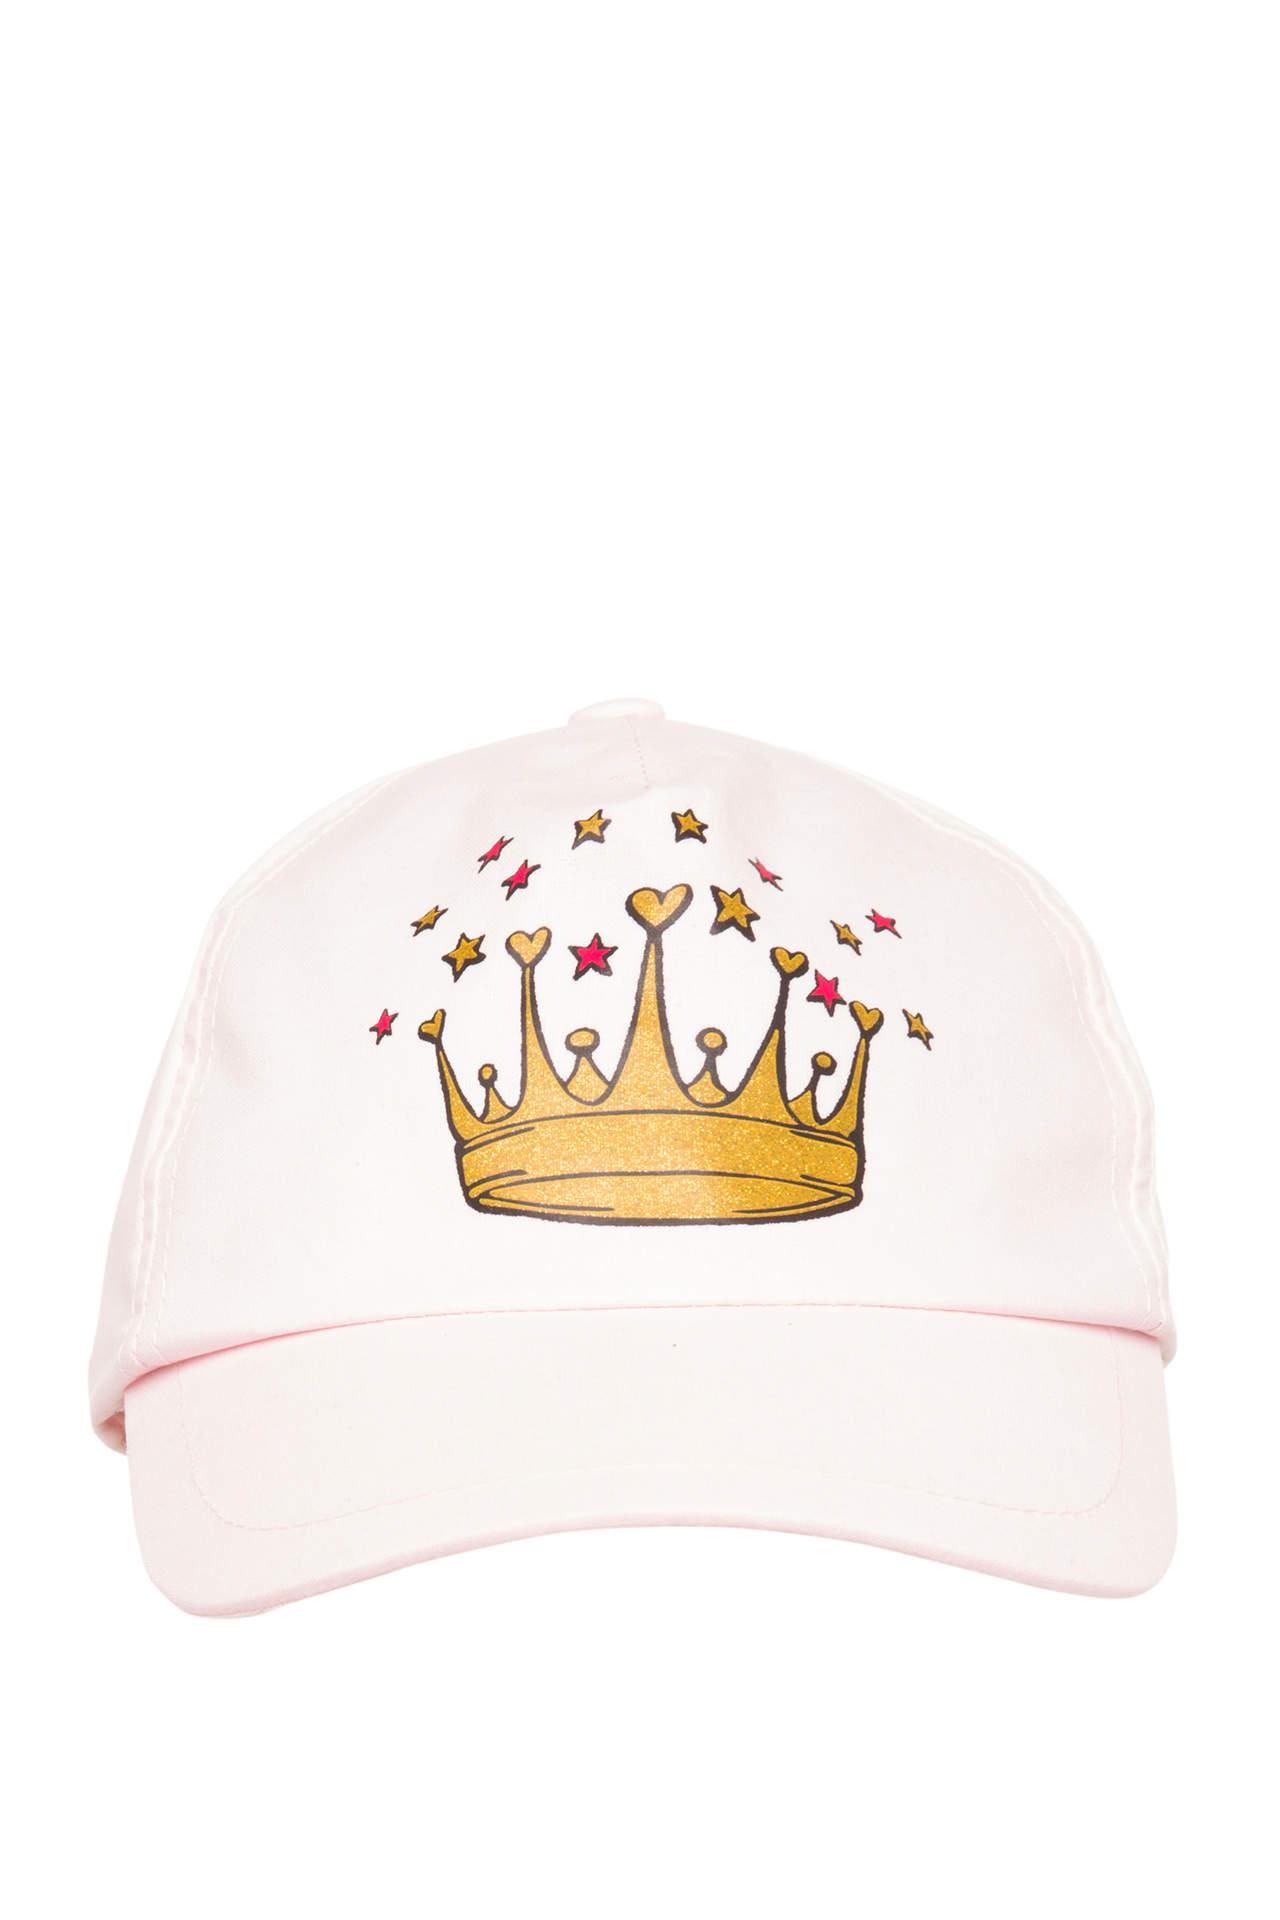 DeFacto Kız Çocuk Trend Baskılı Şapka Pembe female